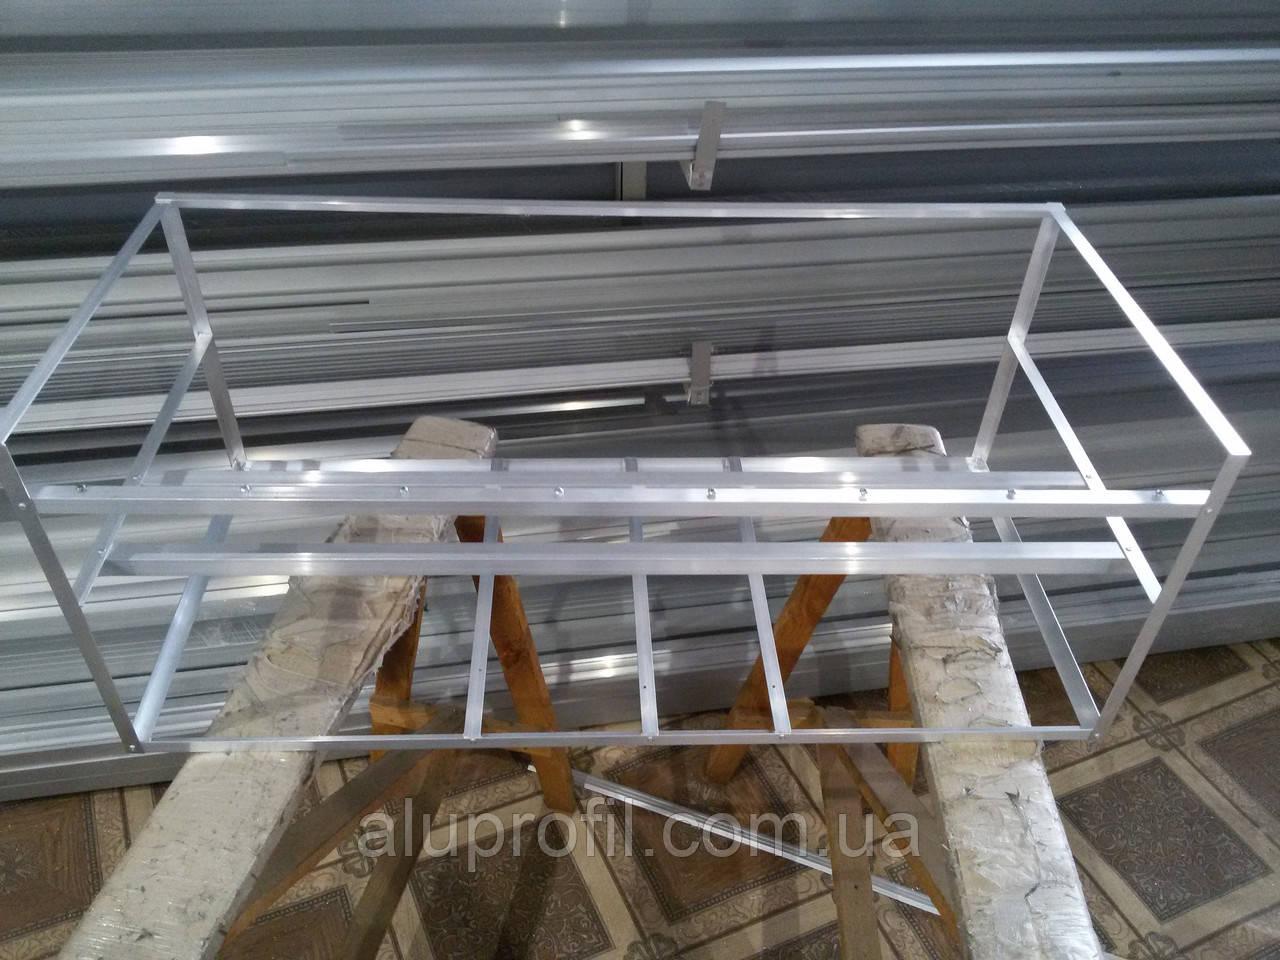 Алюминиевый профиль - каркас фермы для майнинга на 8 видеокарт (усиленный)